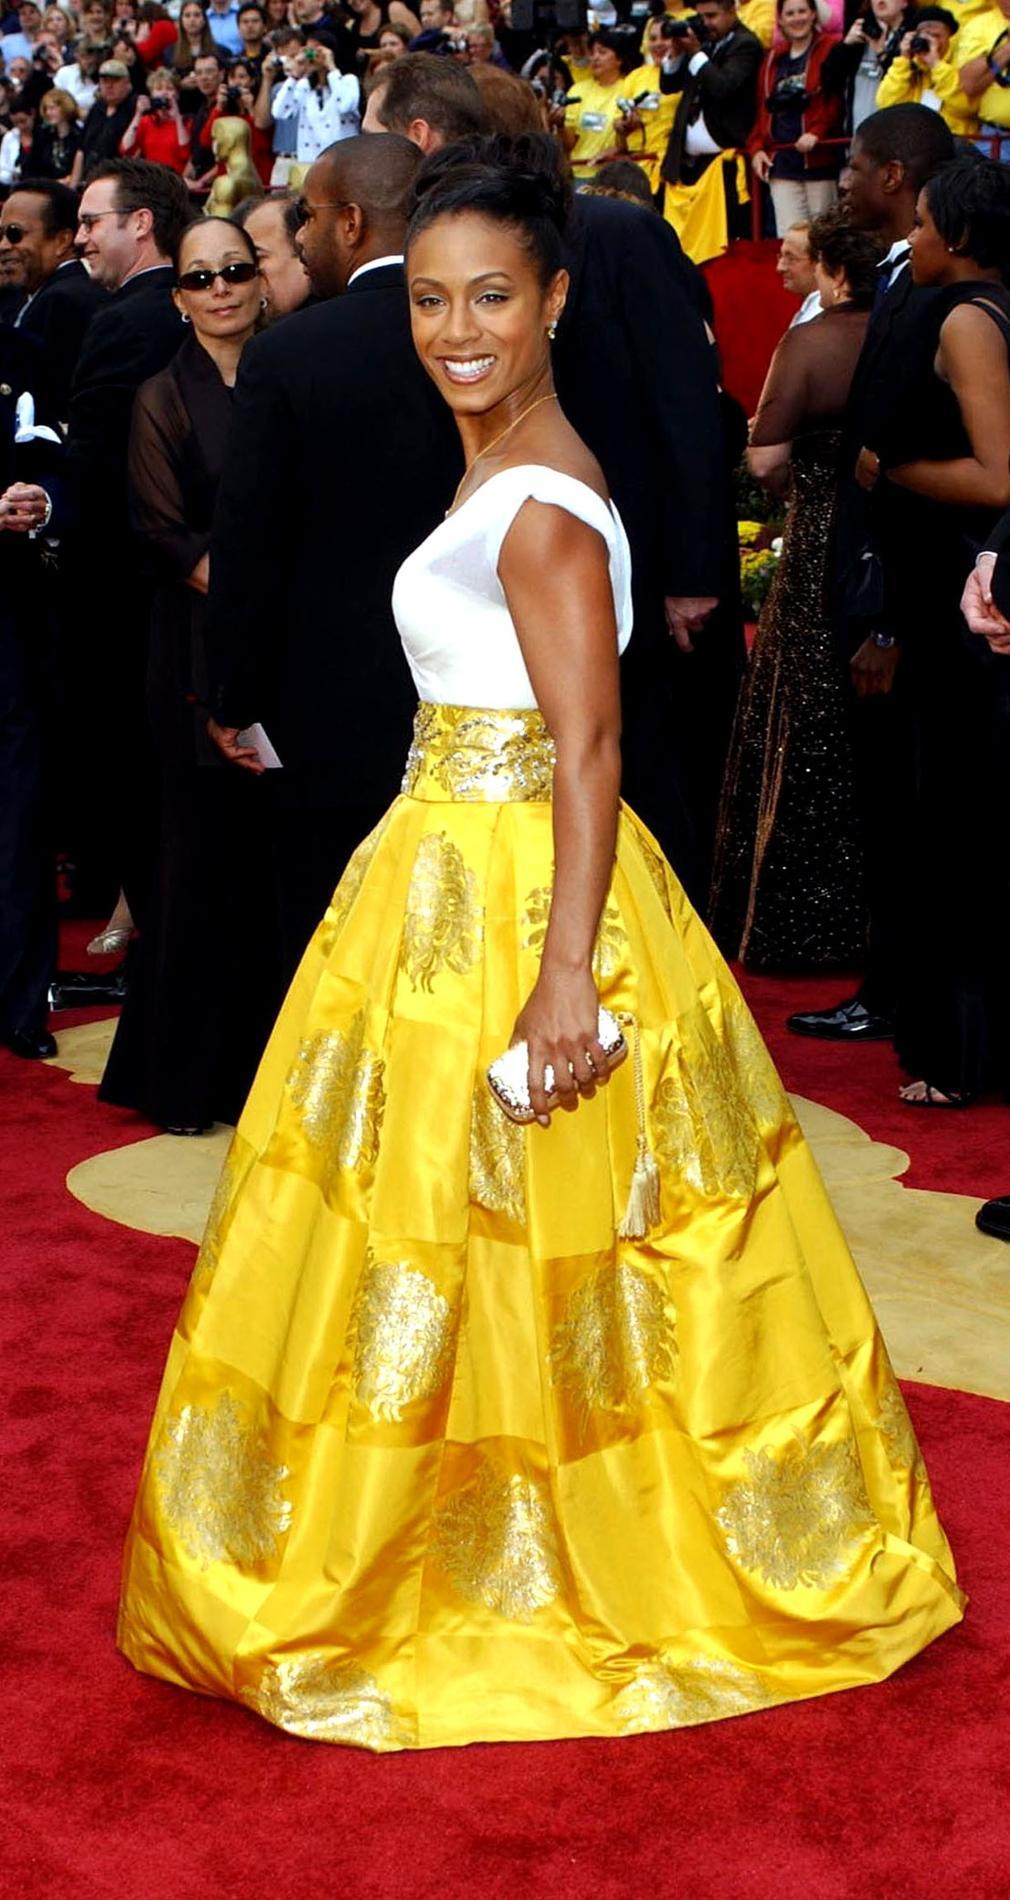 0bafd3c66f3 ... Les pires robes des Oscars à travers l histoire - Salma Hayek Les pires  robes des Oscars à travers l histoire - Scarlett Johansson Les pires robes  des ...